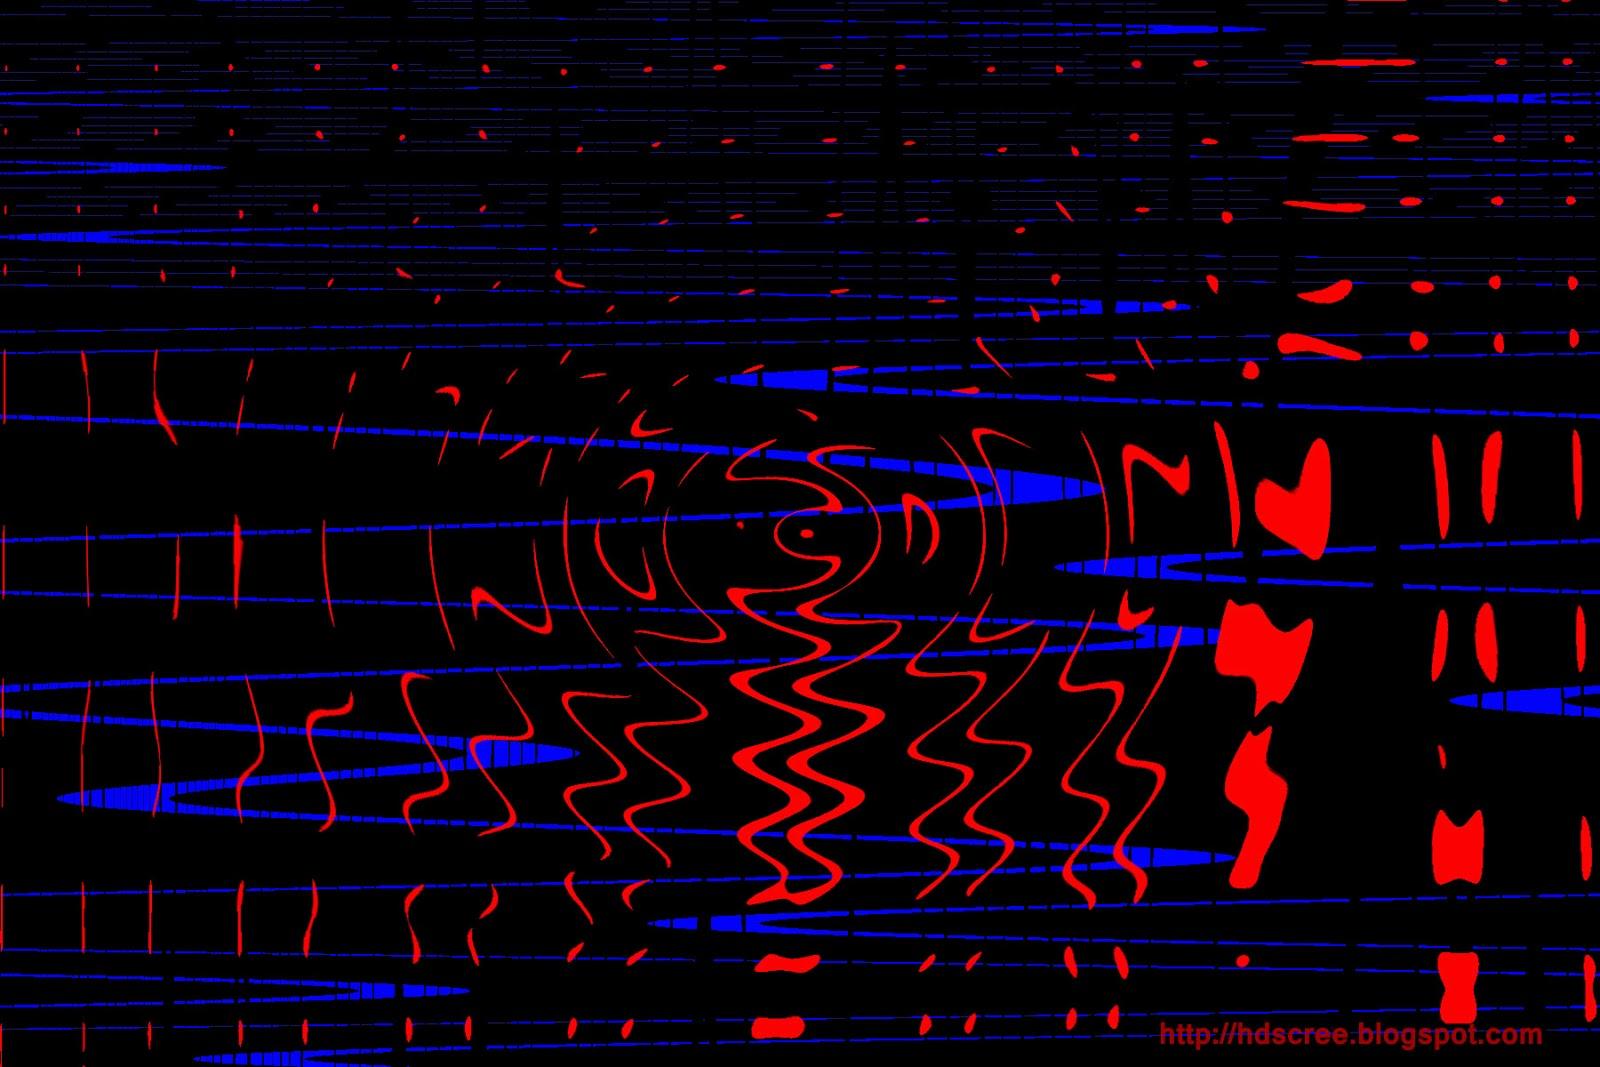 Beautifull hd screensaver free download hd wallpaper for Screensaver hd gratis